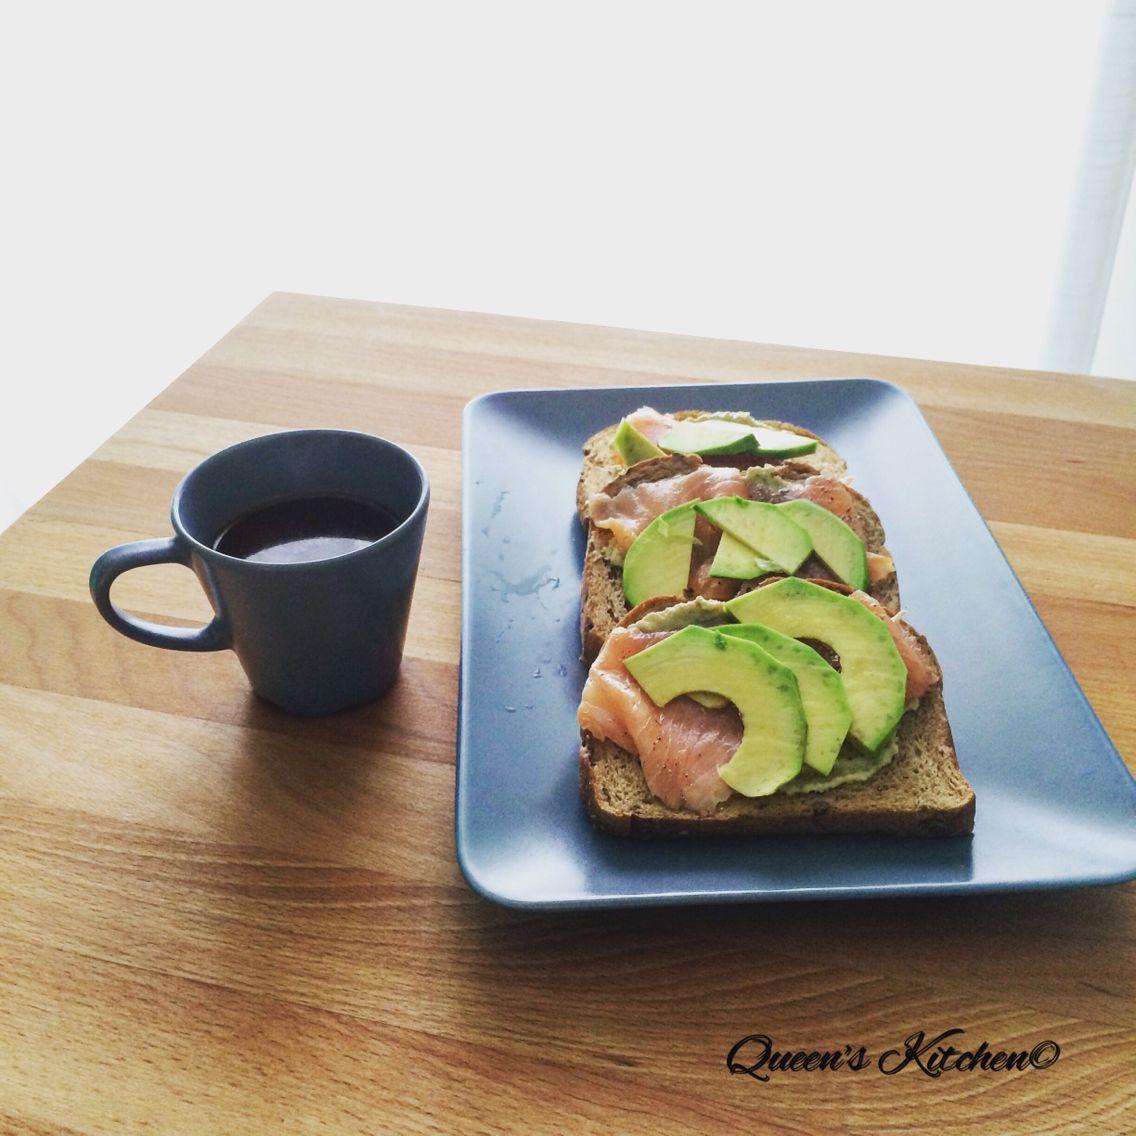 """""""Il tempo fa come le nuvole e i fondi del caffè: cambia le pose, mescola le forme."""" Erri De Luca #buongiorno con #caffè e toast con salmone e #avocado!☕️ [blog! http://bit.ly/1Ifuzcv ] follow Queen's Kitchen on Facebook  http://on.fb.me/1gq3DMB  #queensbreakfast  #foodtubeloves"""